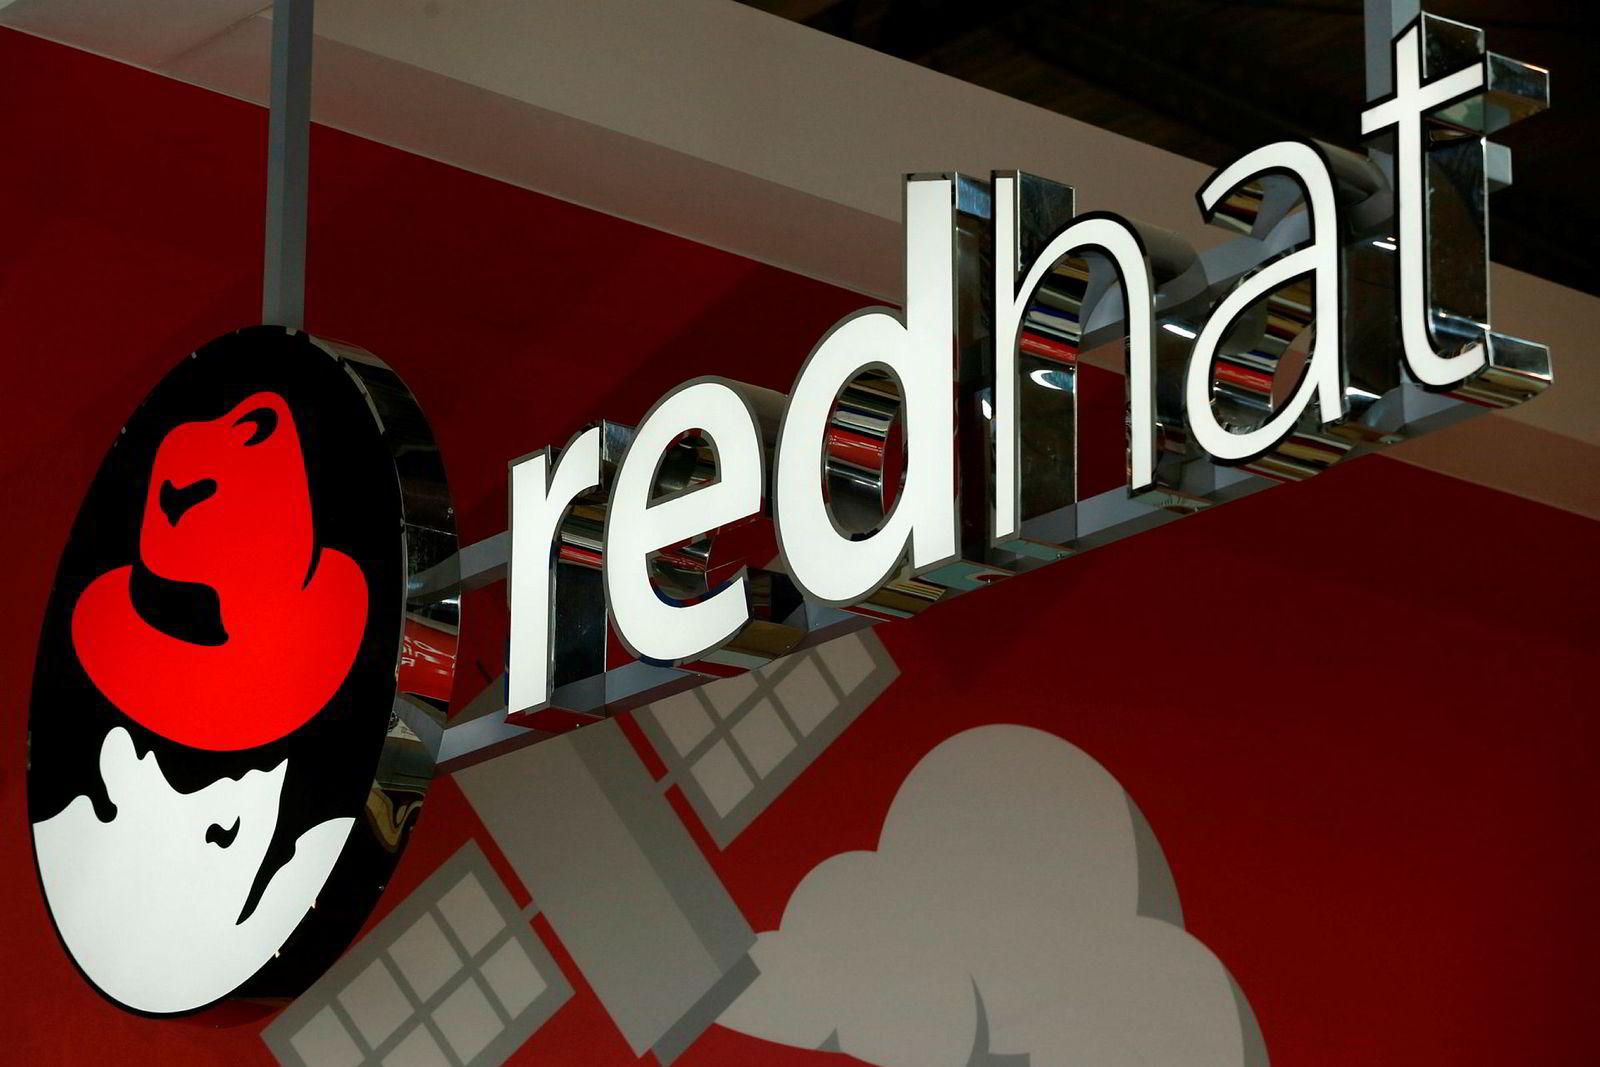 IBM vil foreta et av de største oppkjøpene i teknologihistorien. Red Hat leverer nettskyløsninger til Amazon, Google, Microsoft og andre tilbydere.